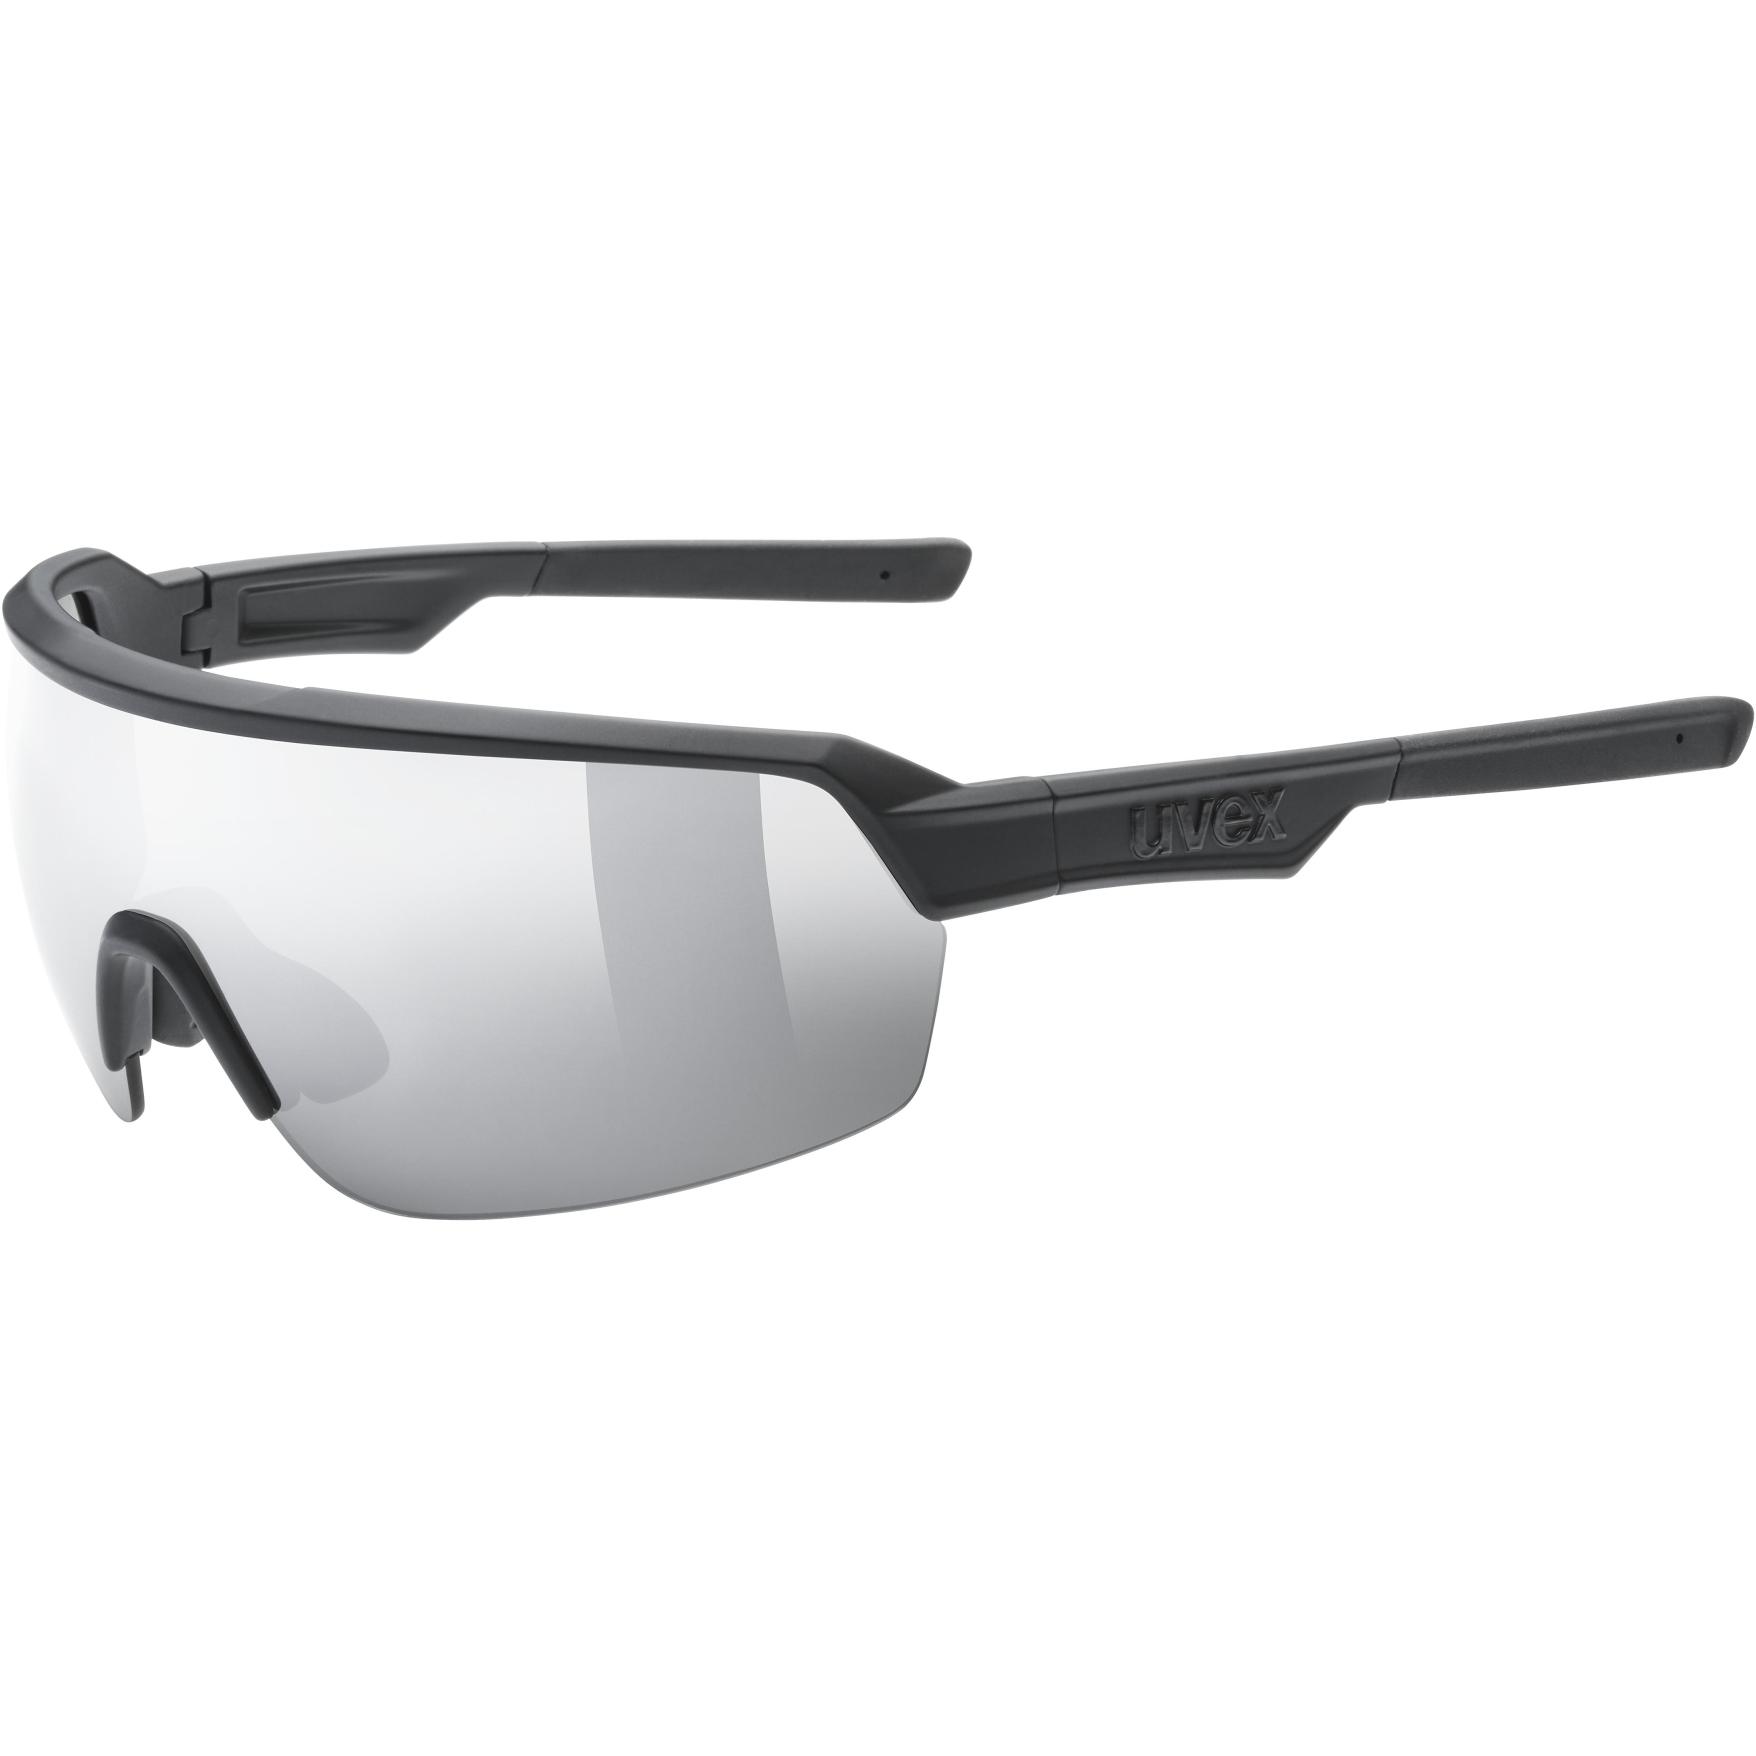 Uvex sportstyle 227 Brille - black mat/mirror silver